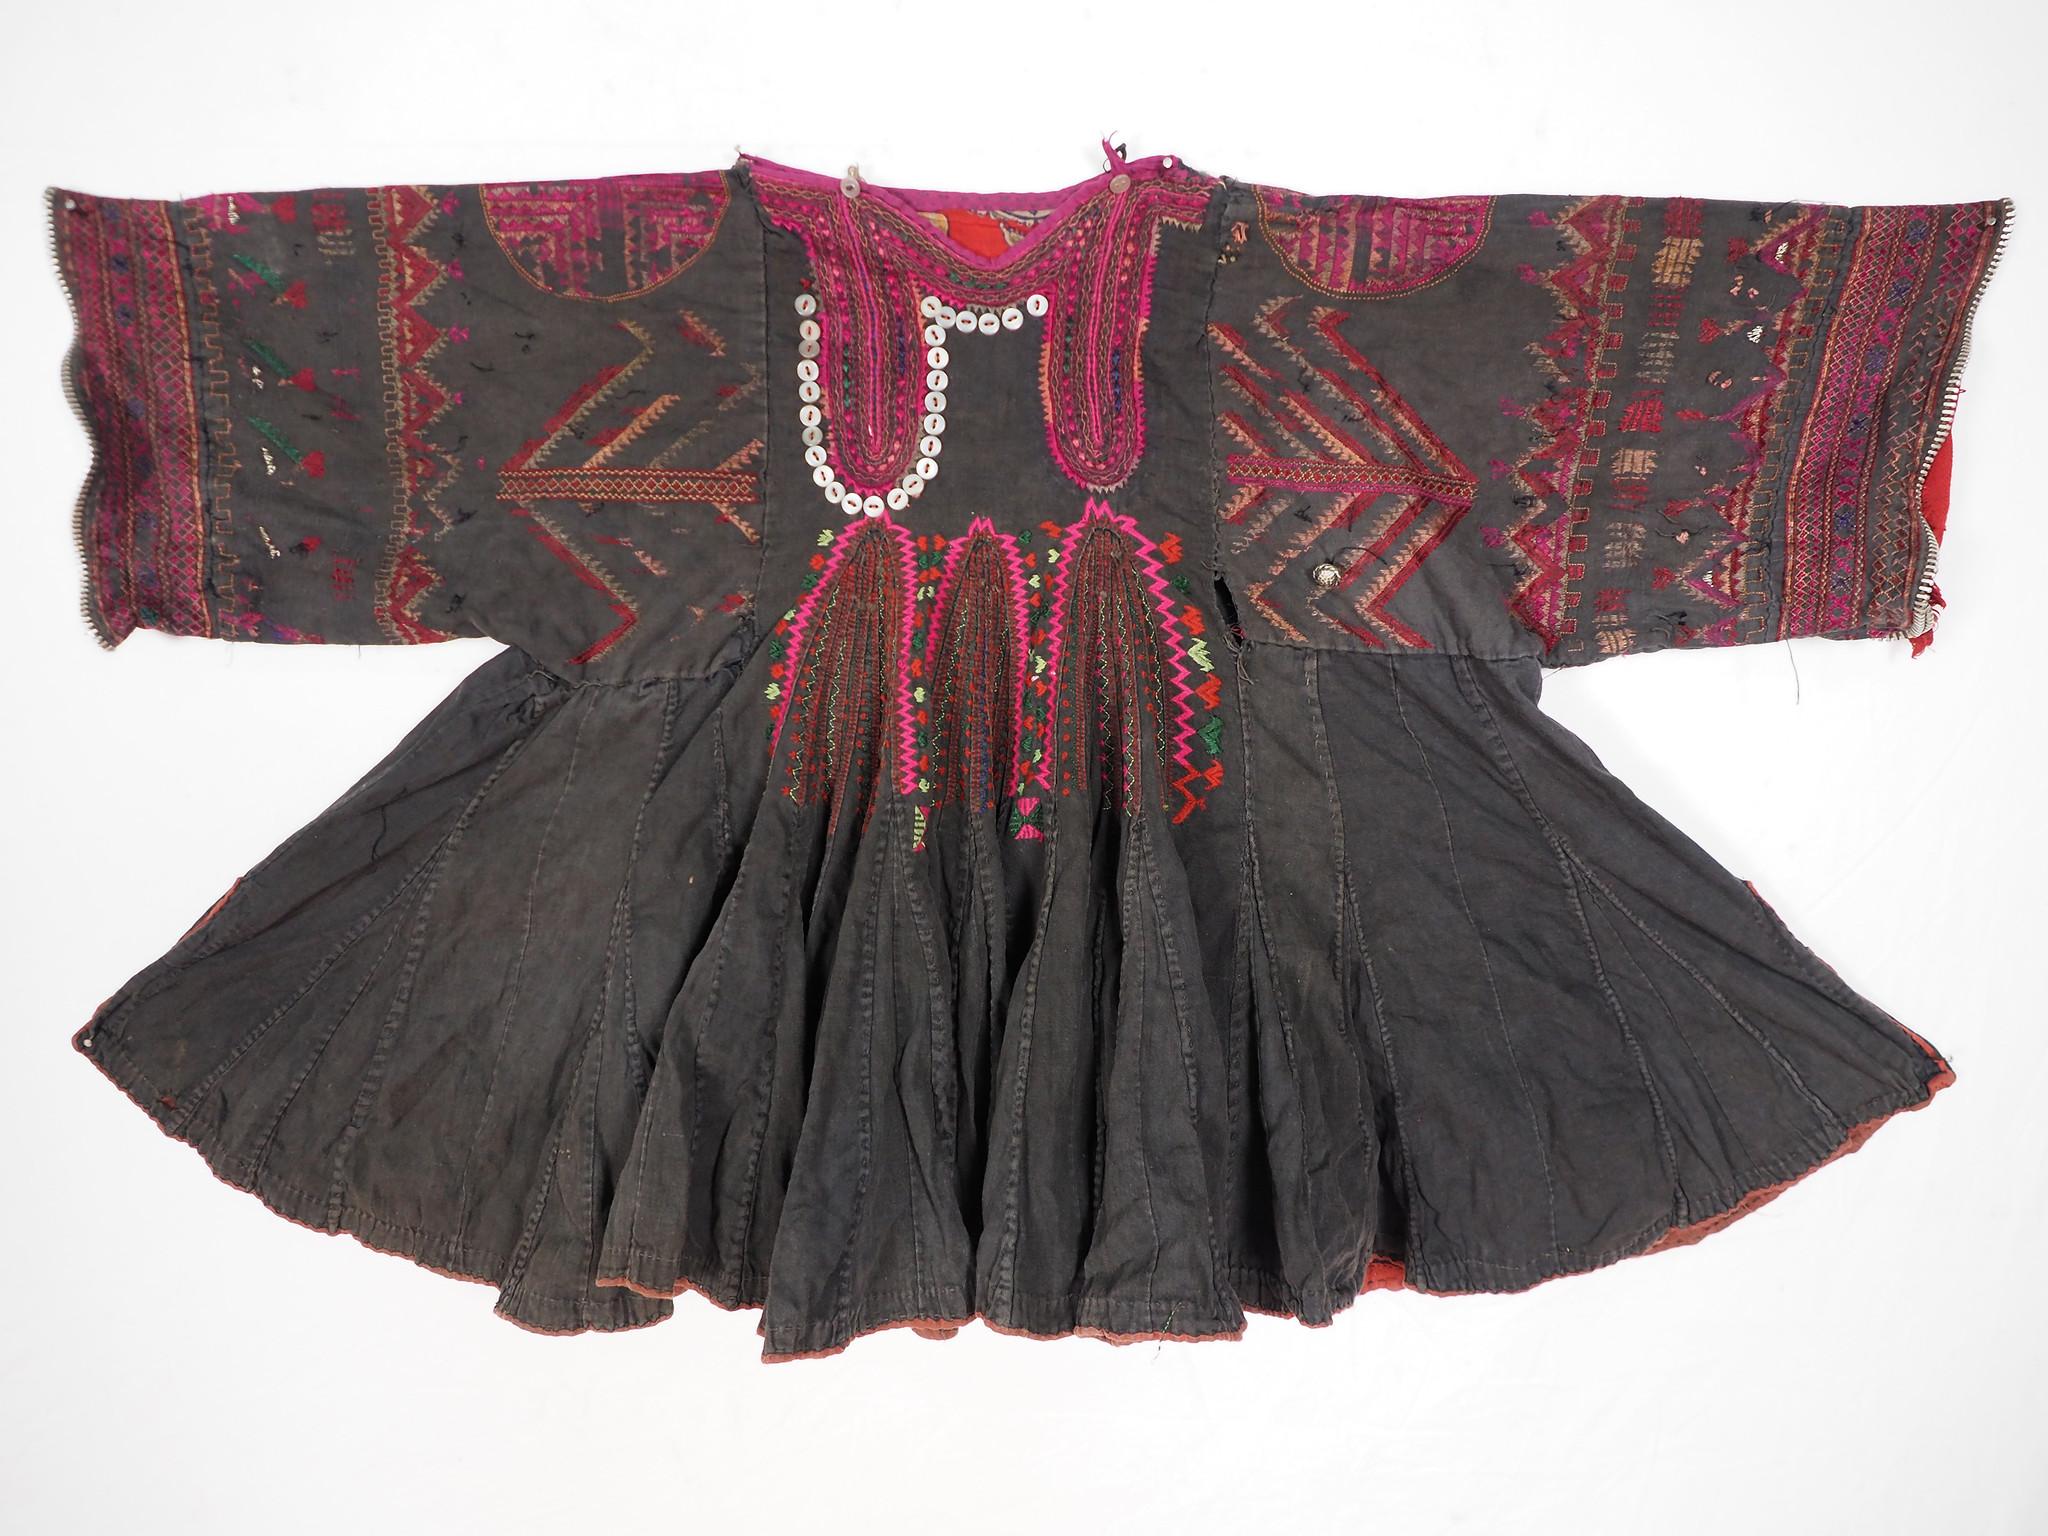 antik und sehr seltener Kinder Mädchen Kleid aus Afghanistan Nuristan kohistan Jumlo Nr-KL20/B